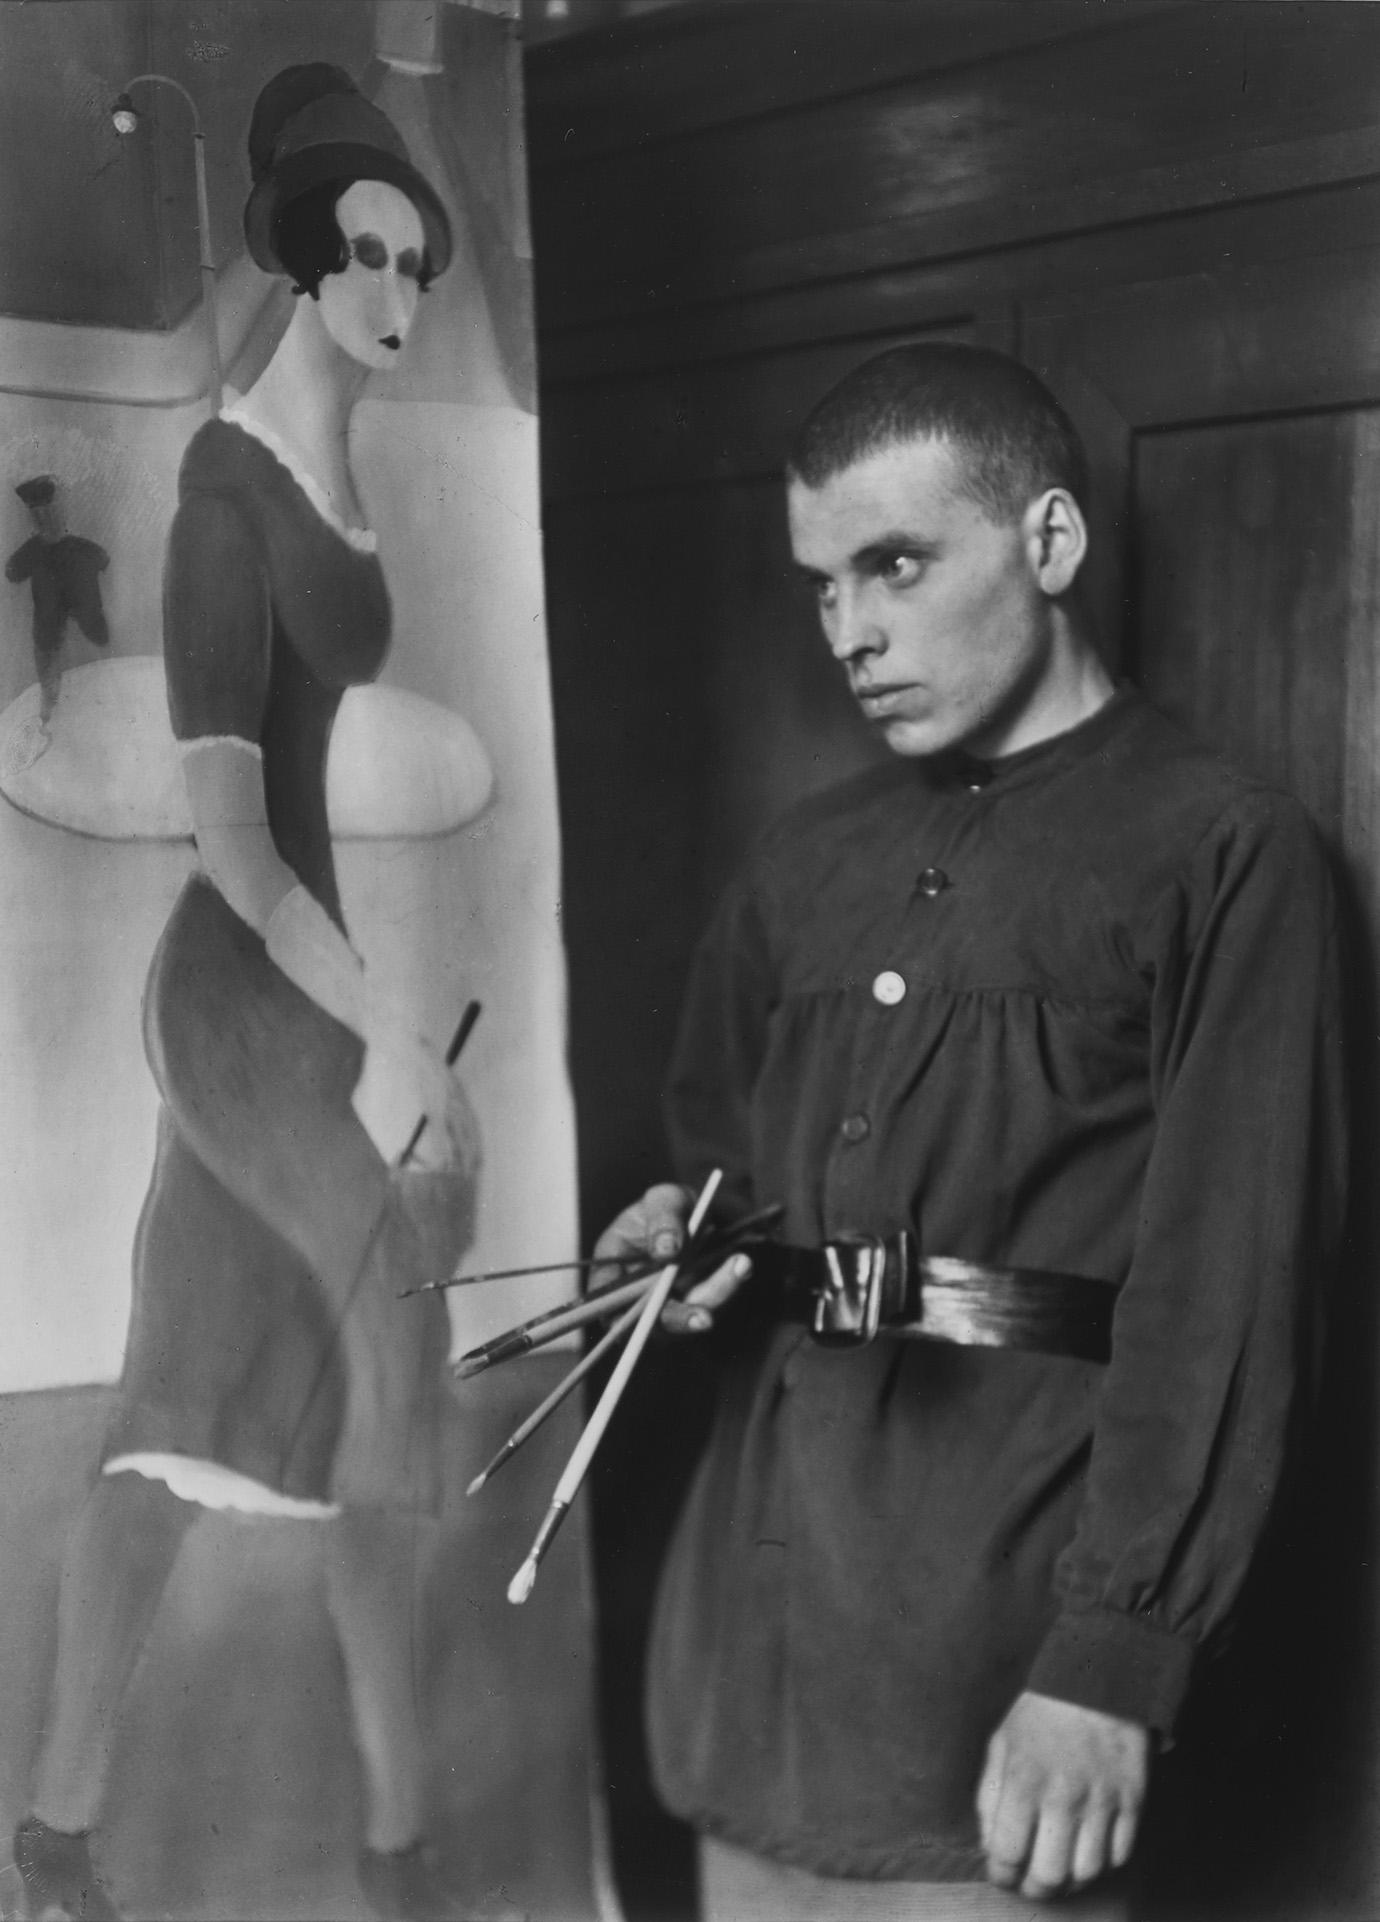 August Sander, Maler, 1924 (Gottfried Brockmann)